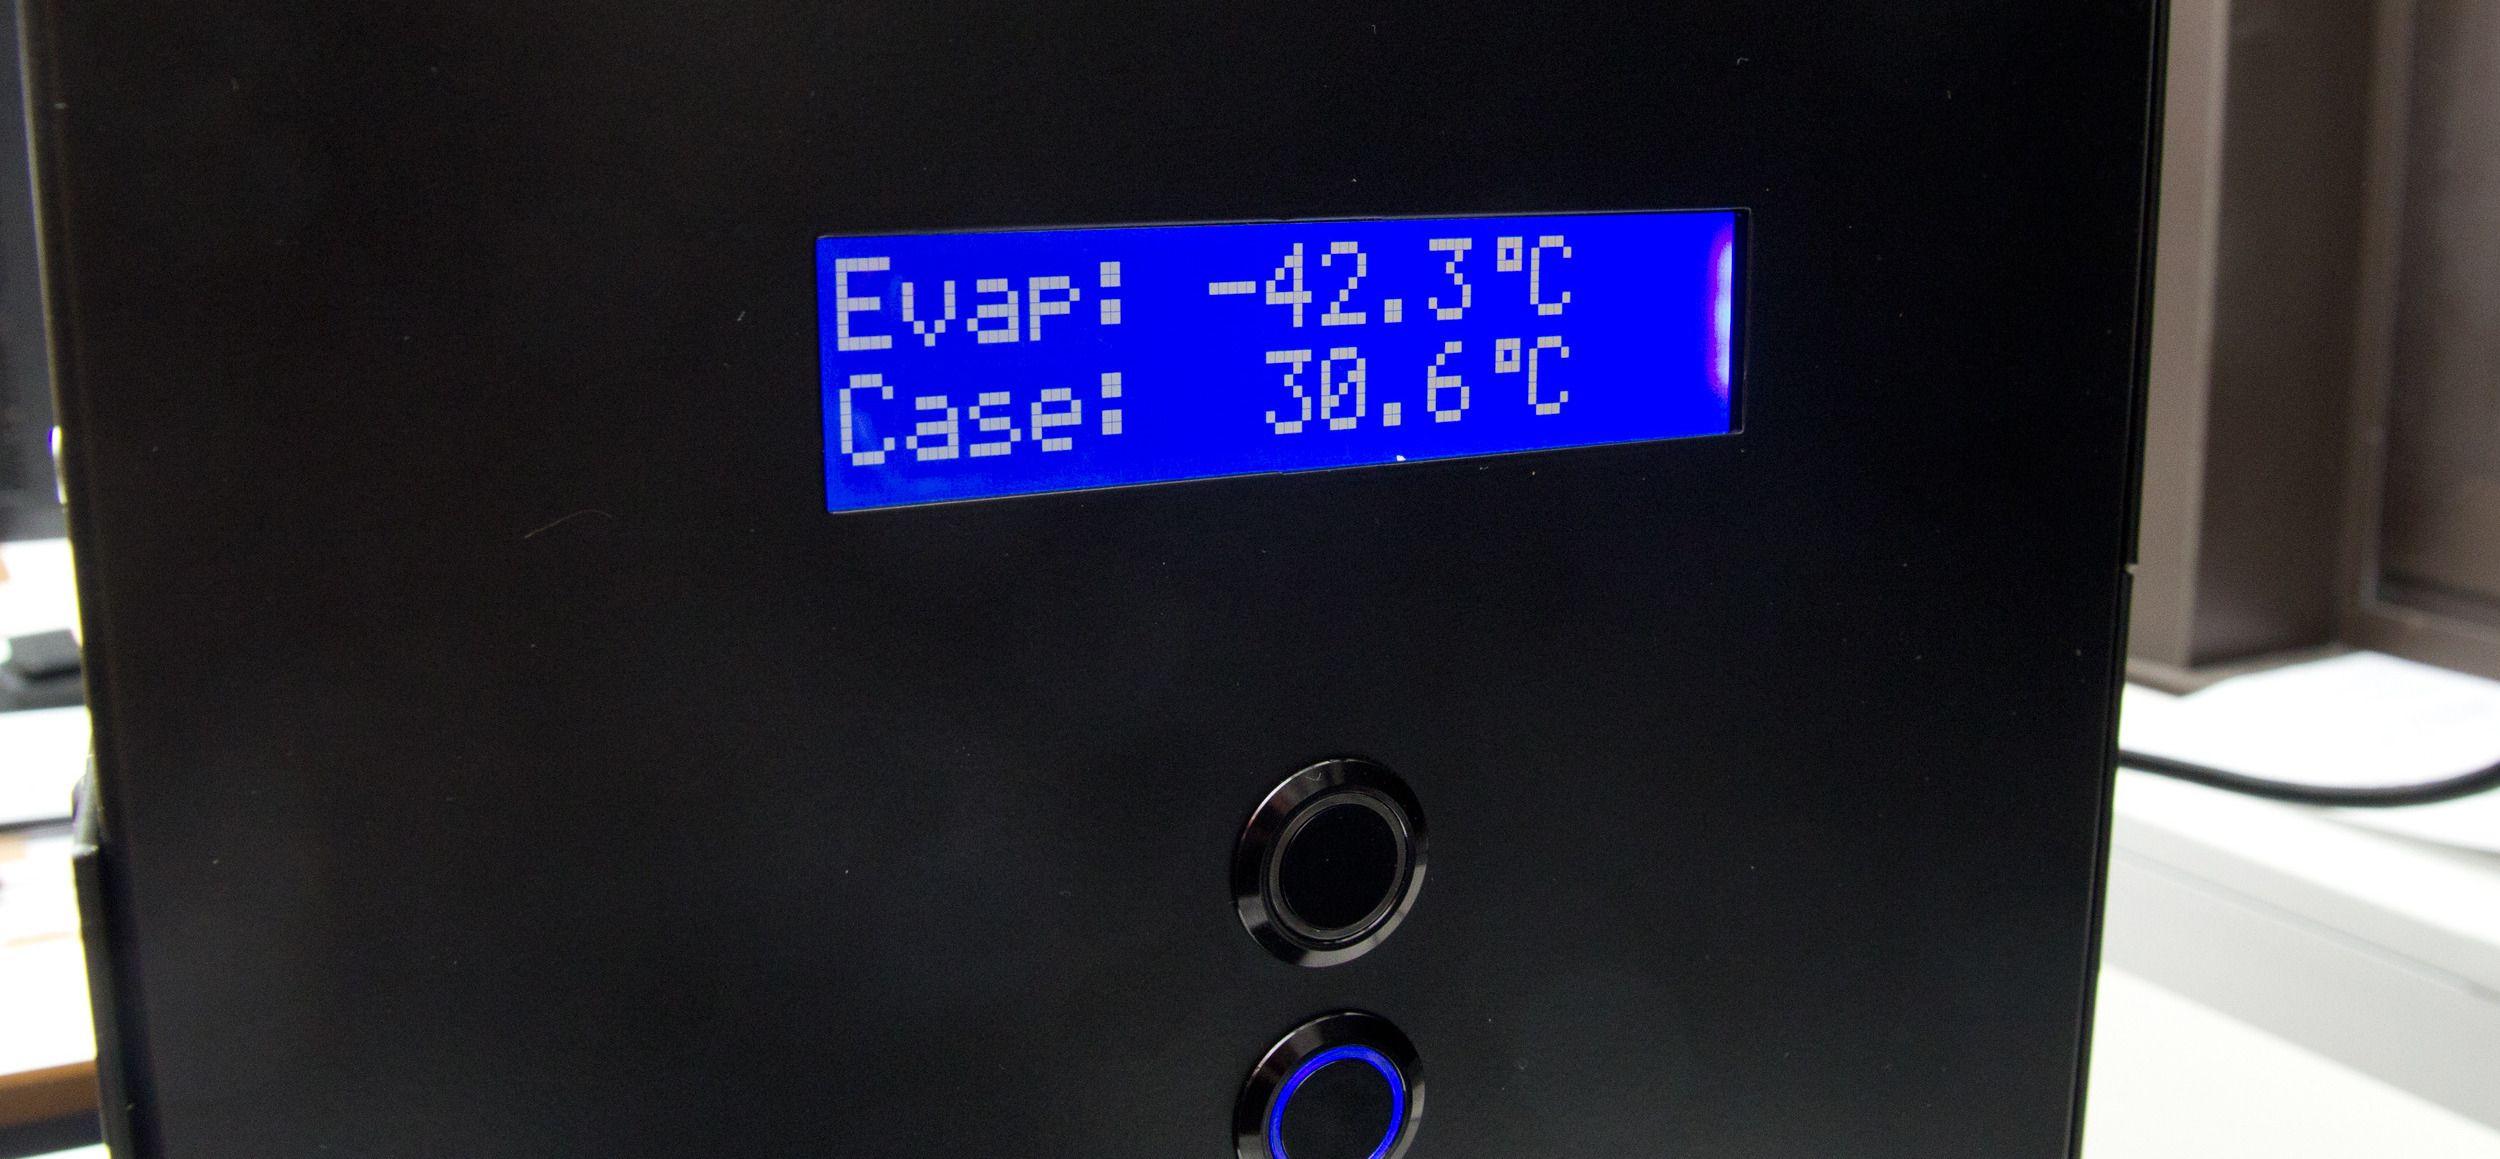 Grei temperatur..